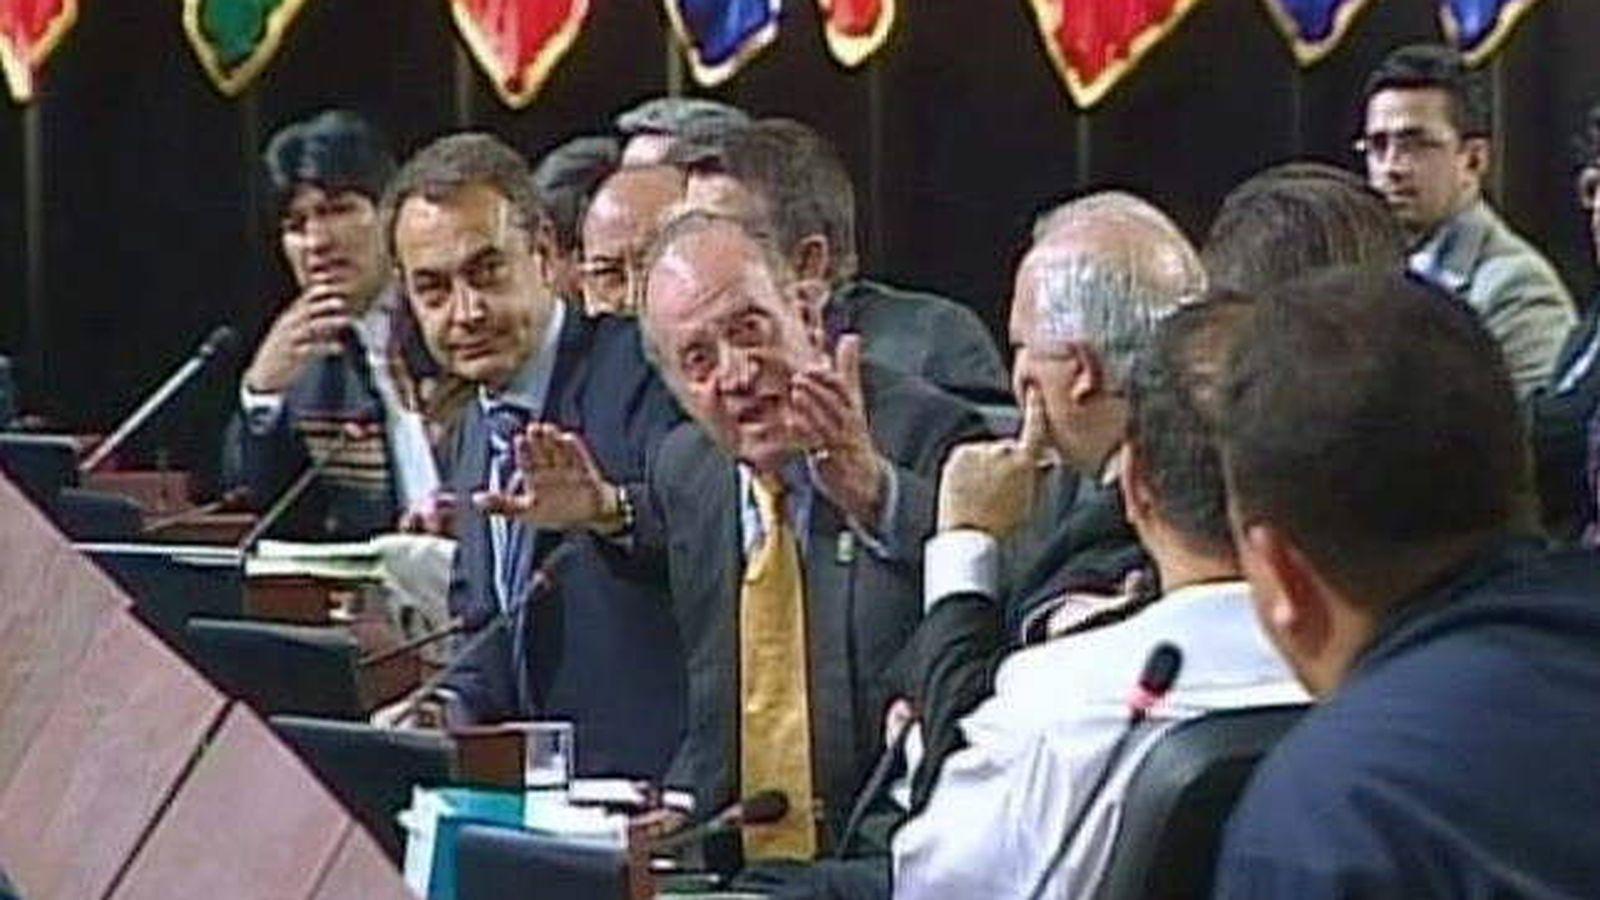 """Foto: Aquella vez que el rey Juan Carlos le gritó el famoso """"¿Por qué no te callas?"""" al fallecido presidente de Venezuela, Hugo Chávez   Foto: EFE"""